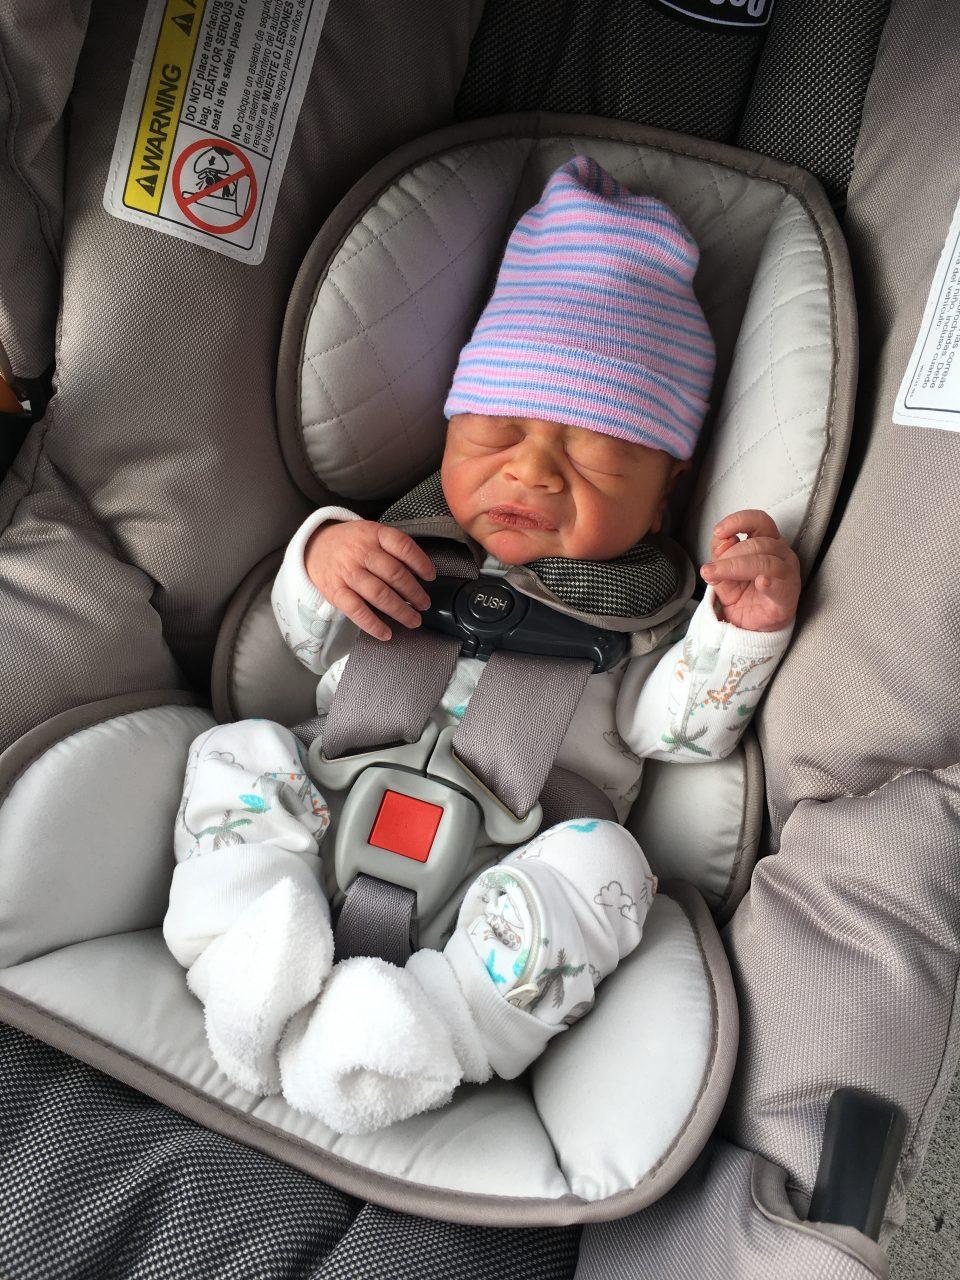 newborn baby carseat